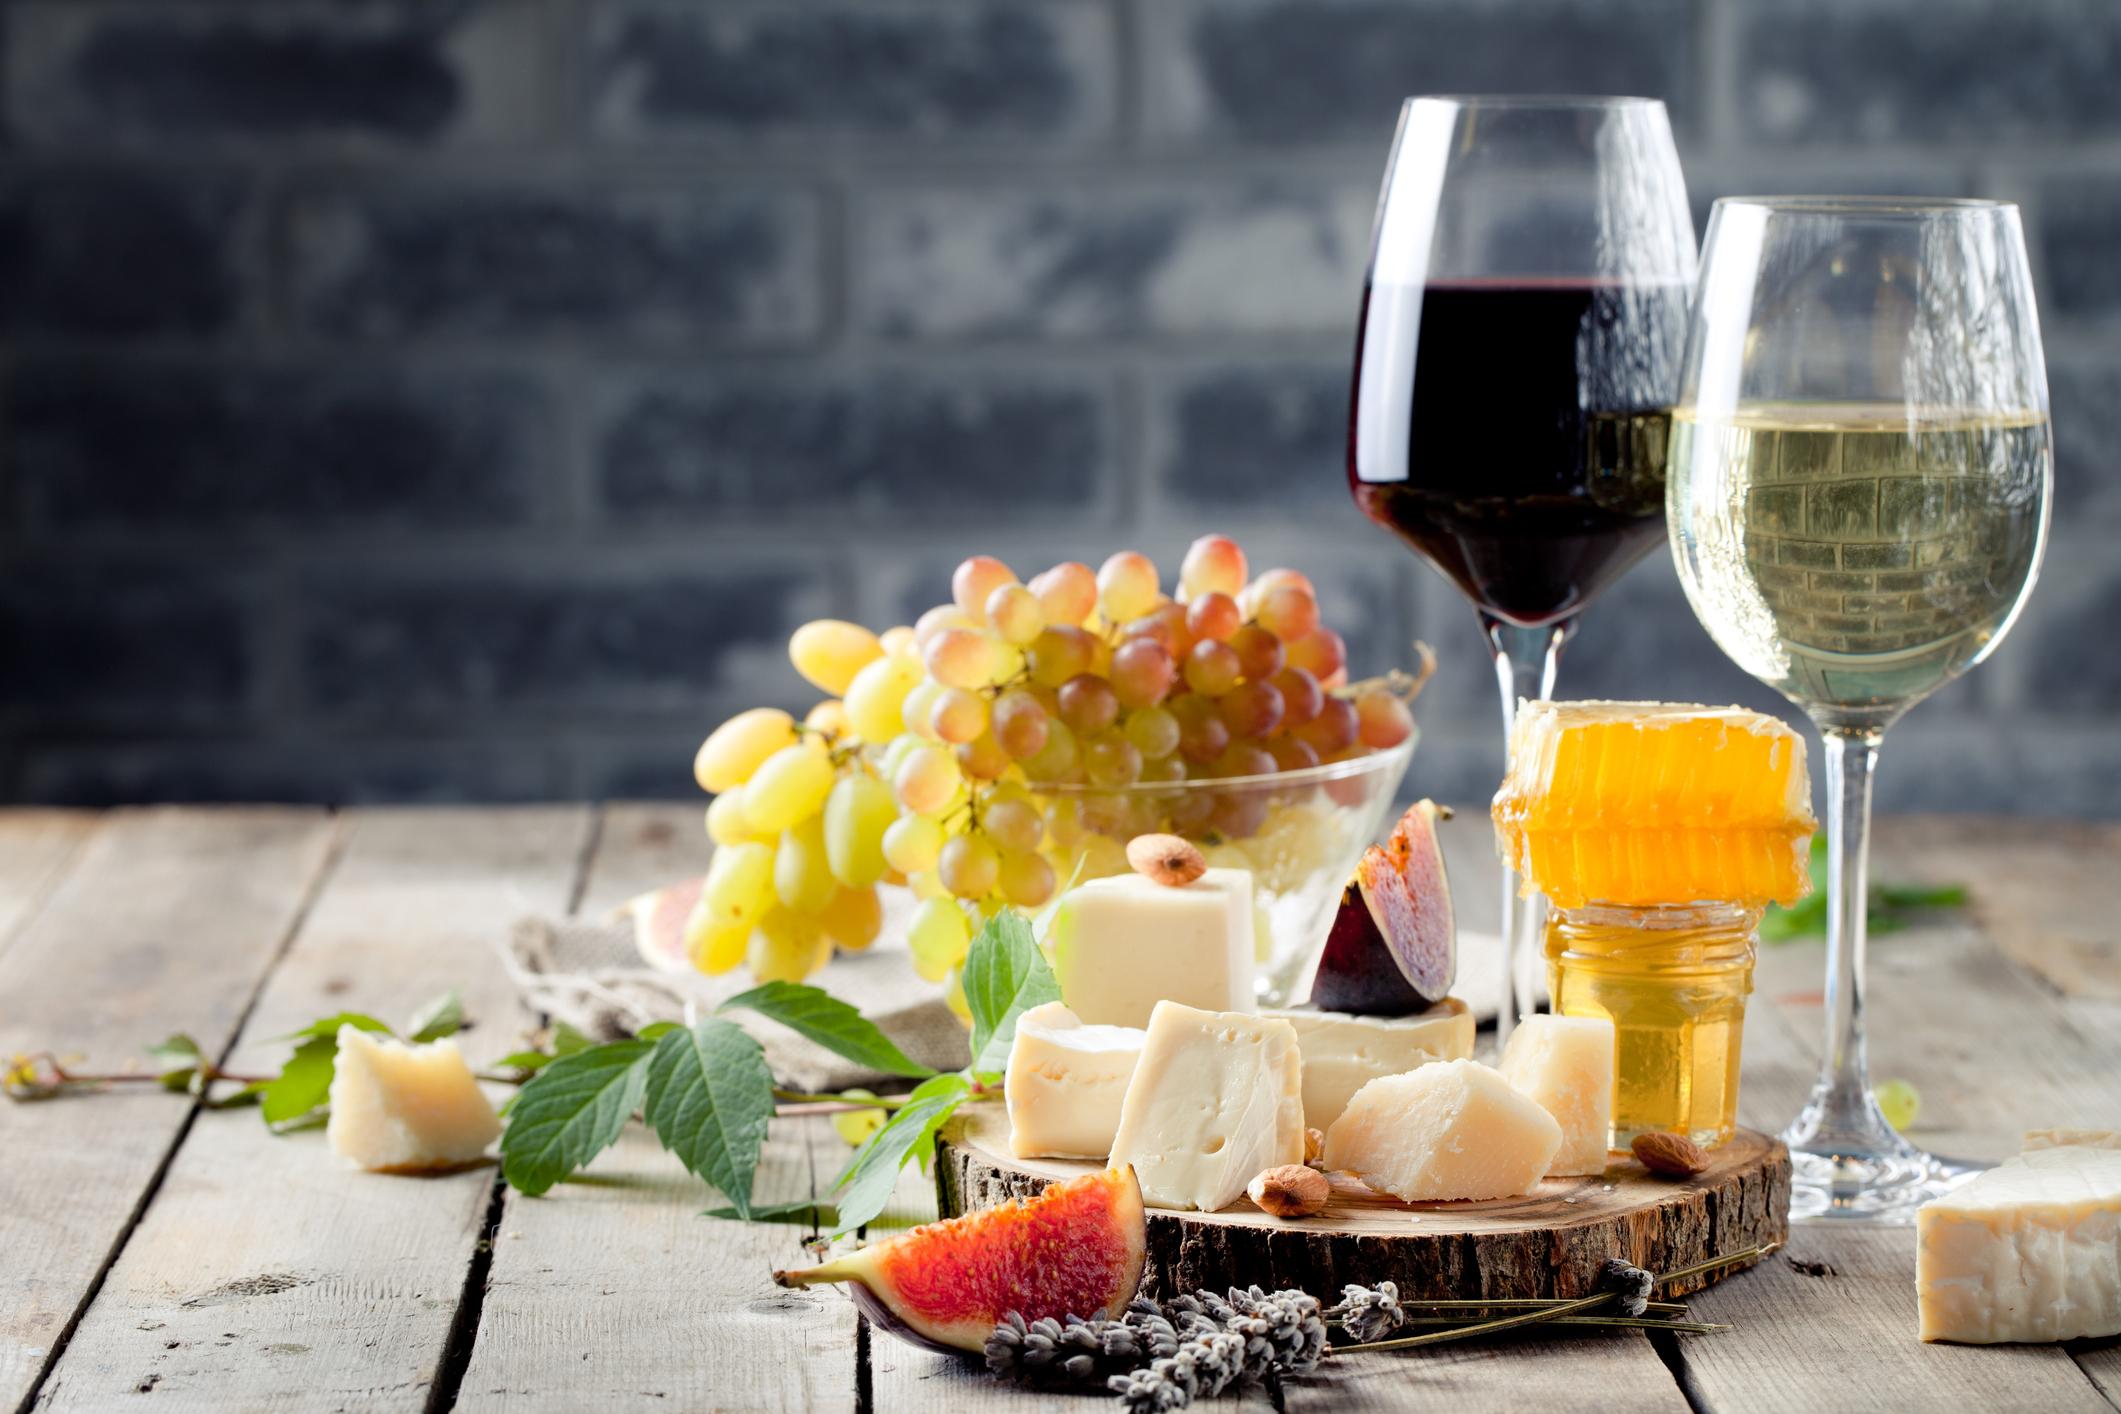 3.Франция<br /> <br /> Франция по подобие на Испания е позната с хубавото си вино. Но там освен това можете да се насладите на цяла гама от сирене и кашкавали. В Южна Франция човек може да опита едни от най-ароматните сортове грозде, а френските сладкиши са обичани по целия свят.